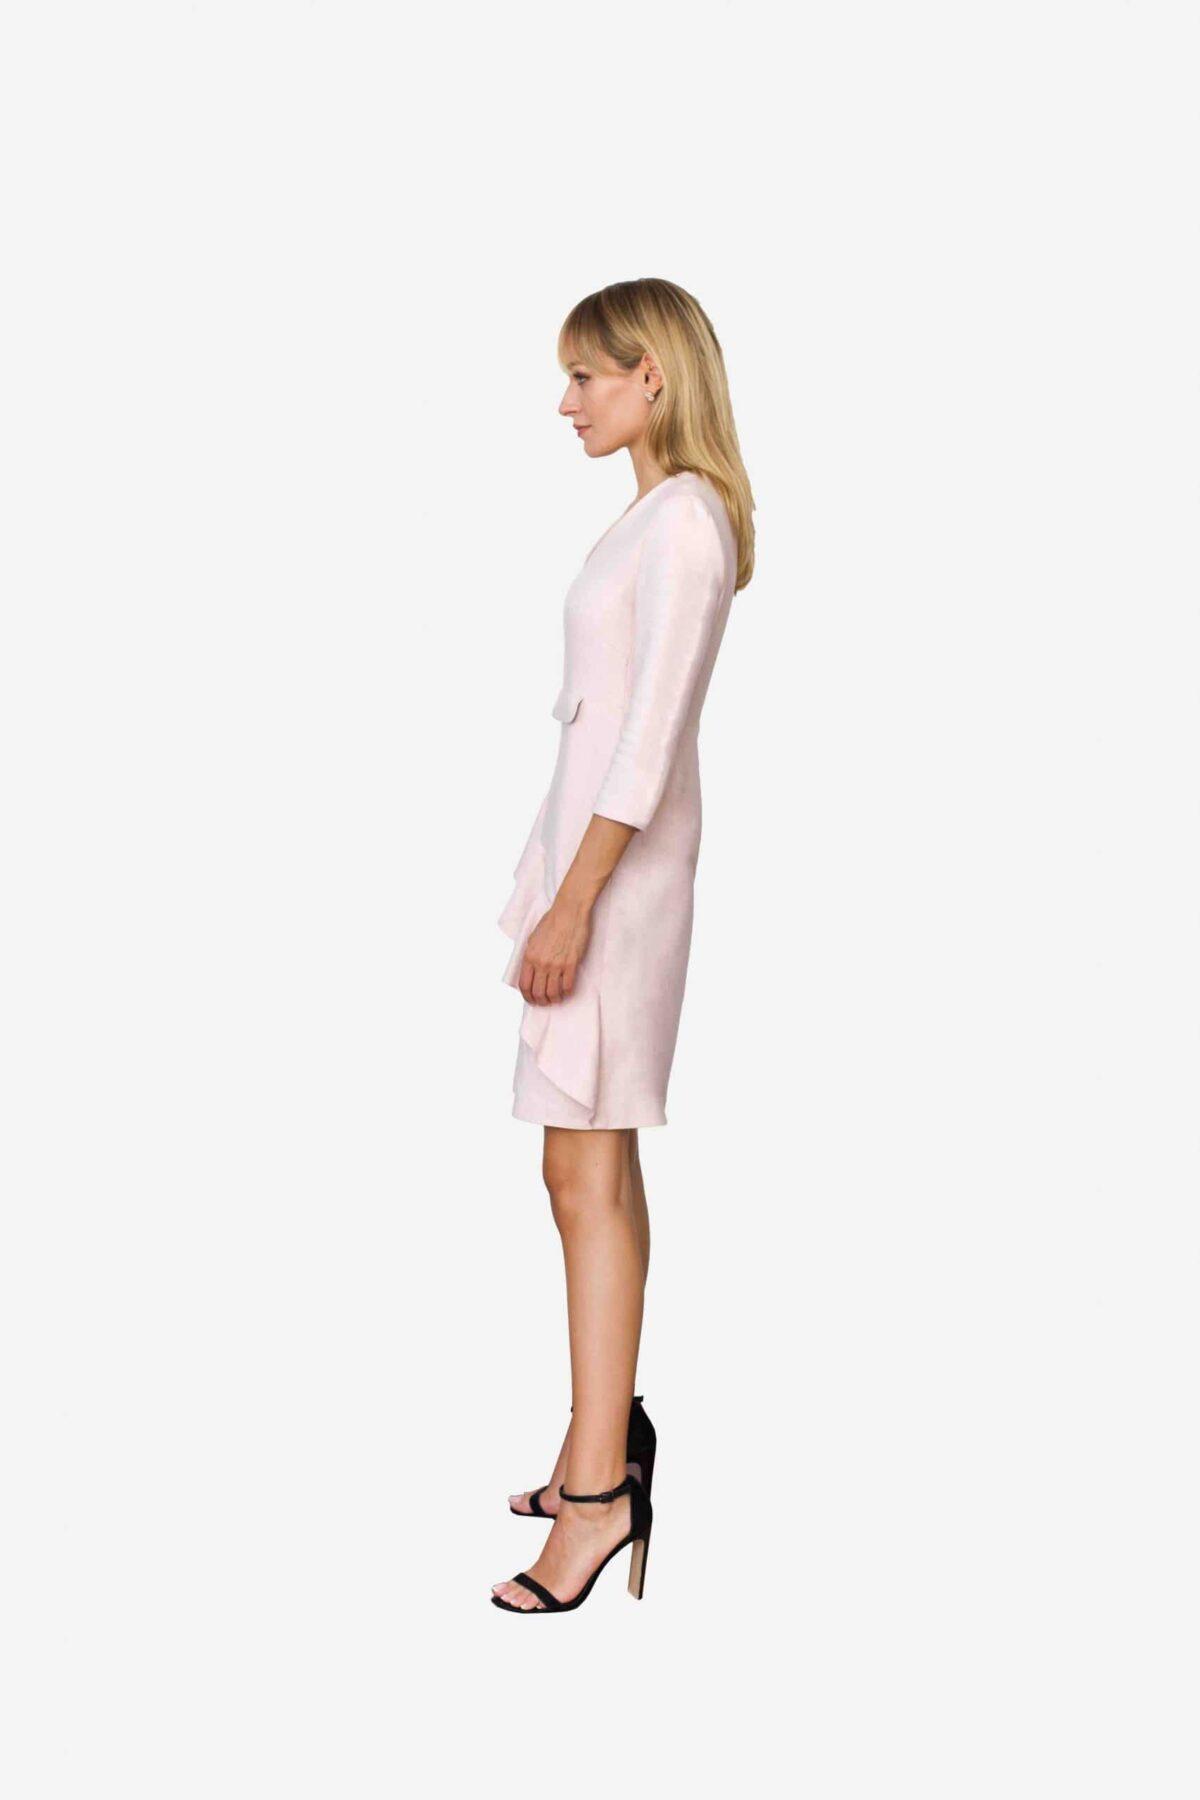 Kleid Jane von SANOGE. Rose Etuikleid mit Volant und V Ausschnitt und 3/4 Arm. Knielang.